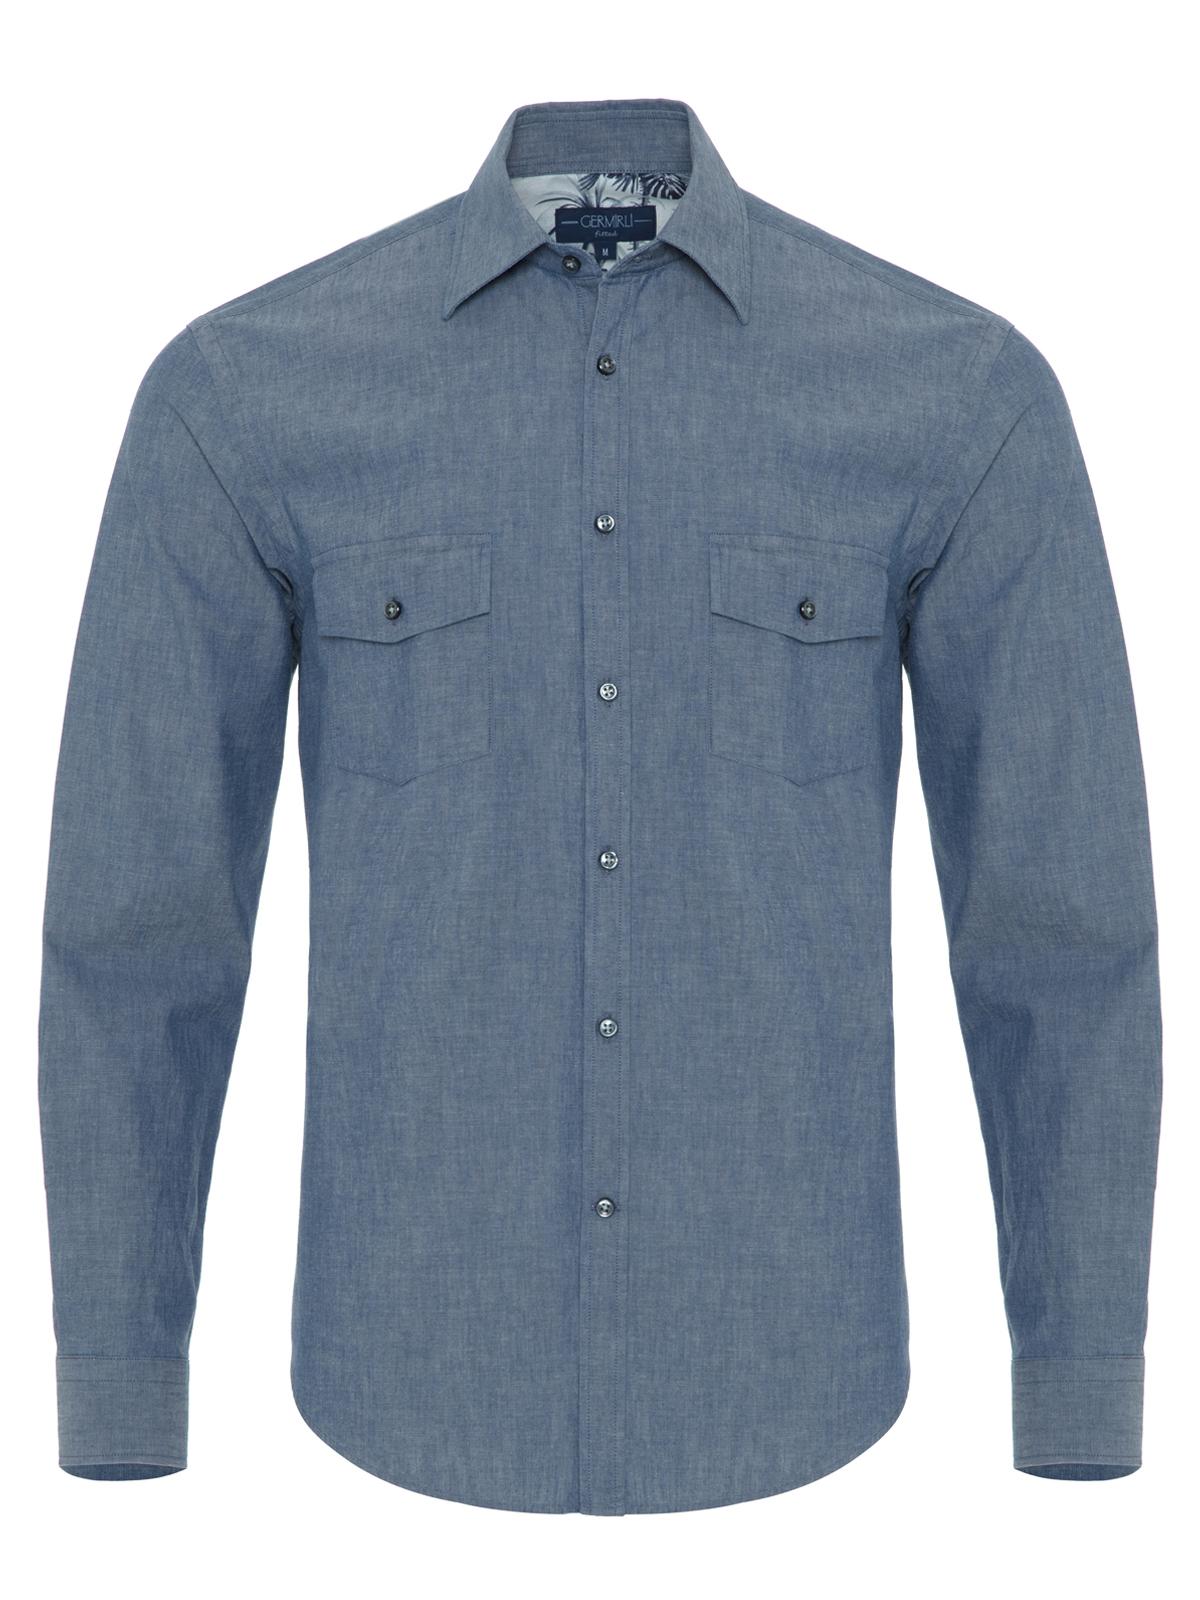 Germirli - Germirli Mavi İndigo Palmiye Detaylı Cepli Overshirt Tailor Fit Gömlek